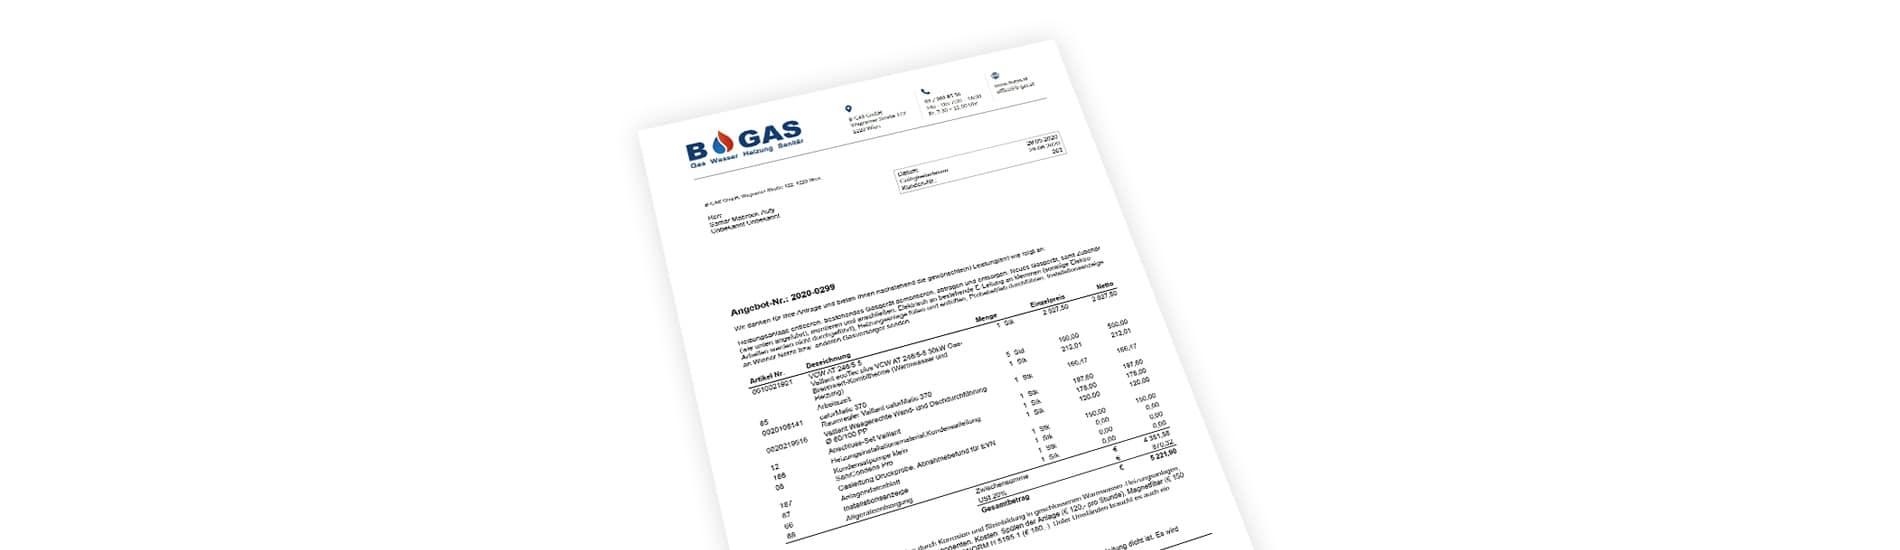 Gratis Kostenvoranschlag/Angebot